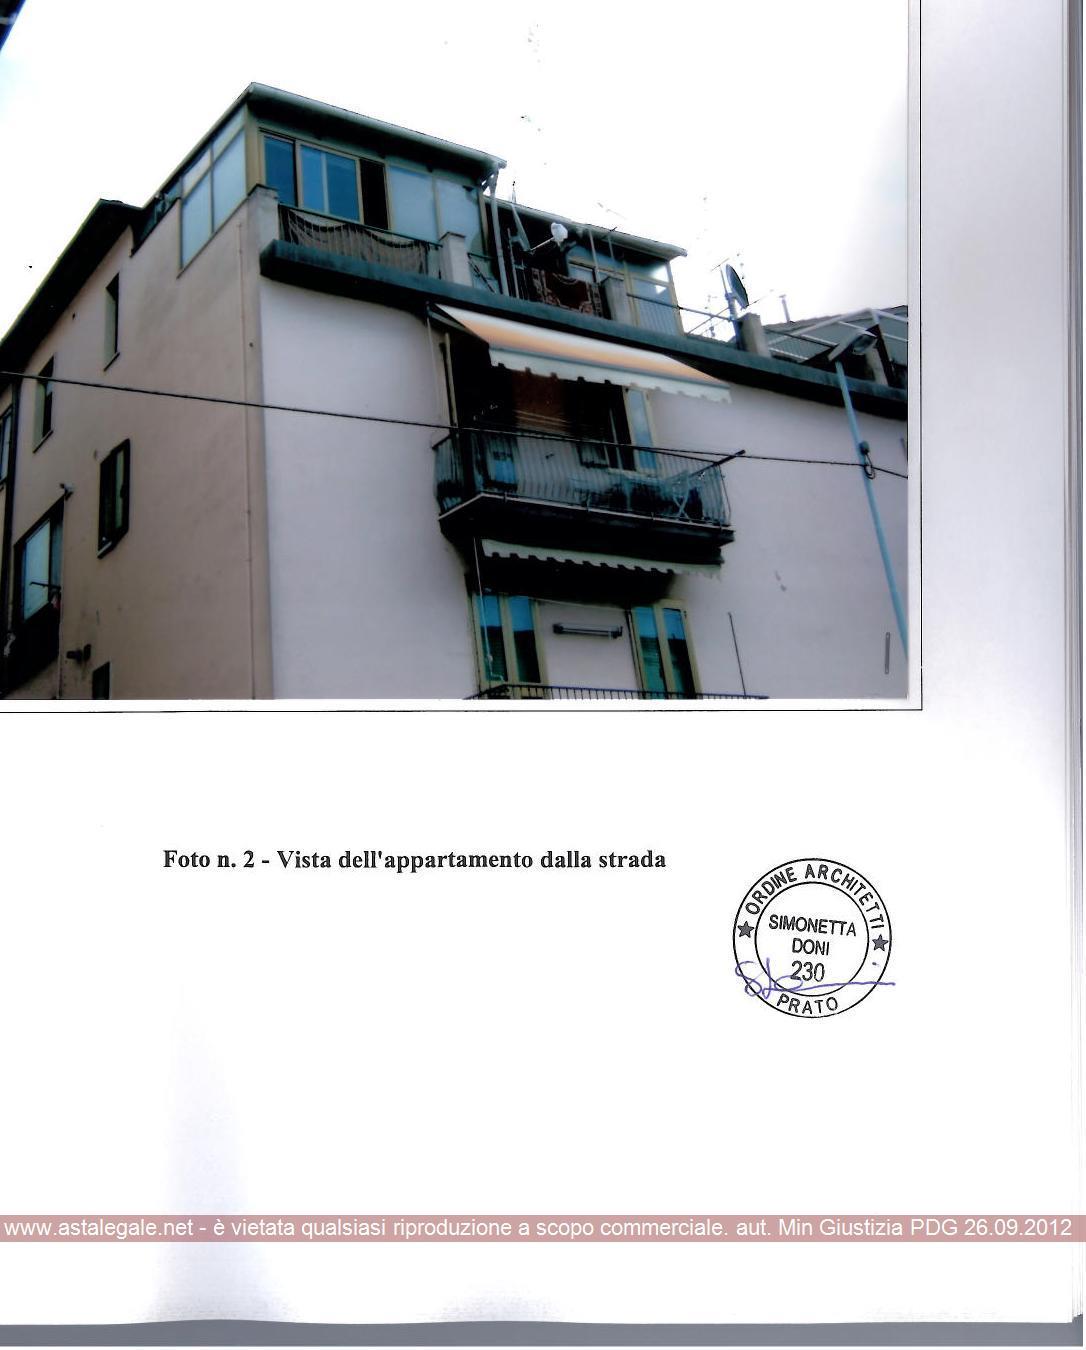 Bilocale Prato Localita' Chiesanuova - Via Isarco 56 2